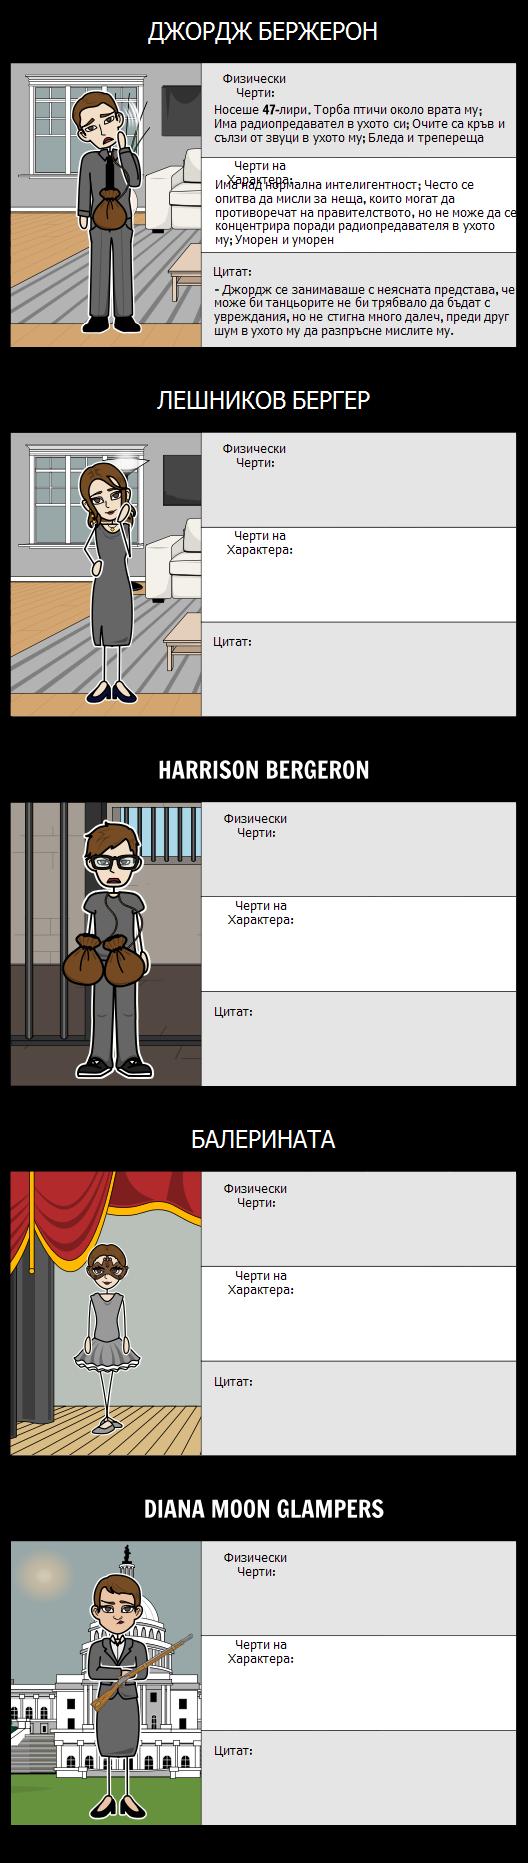 Карта на Знаците за Харисън Бержерон